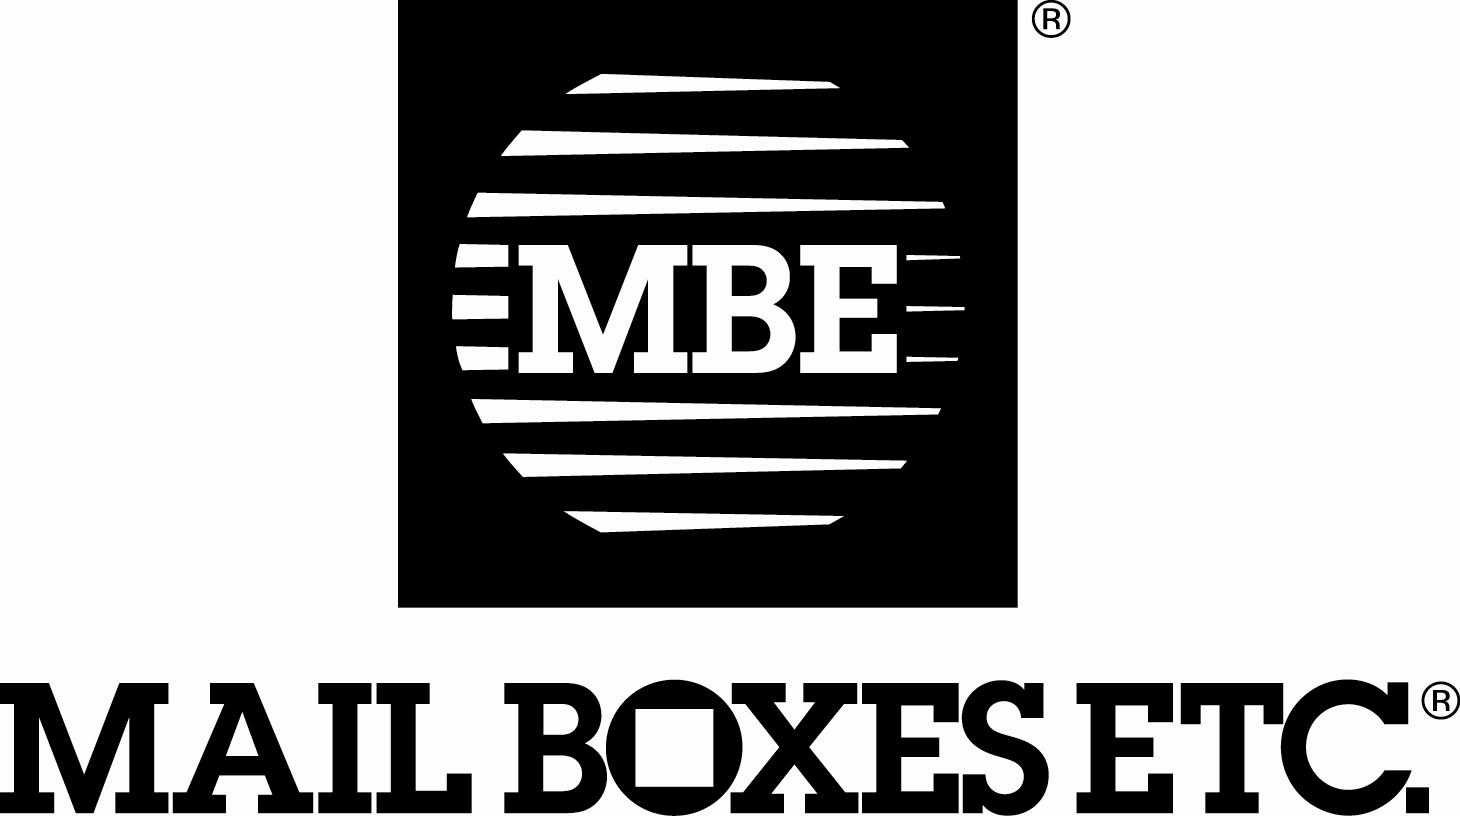 MBE_001.jpg